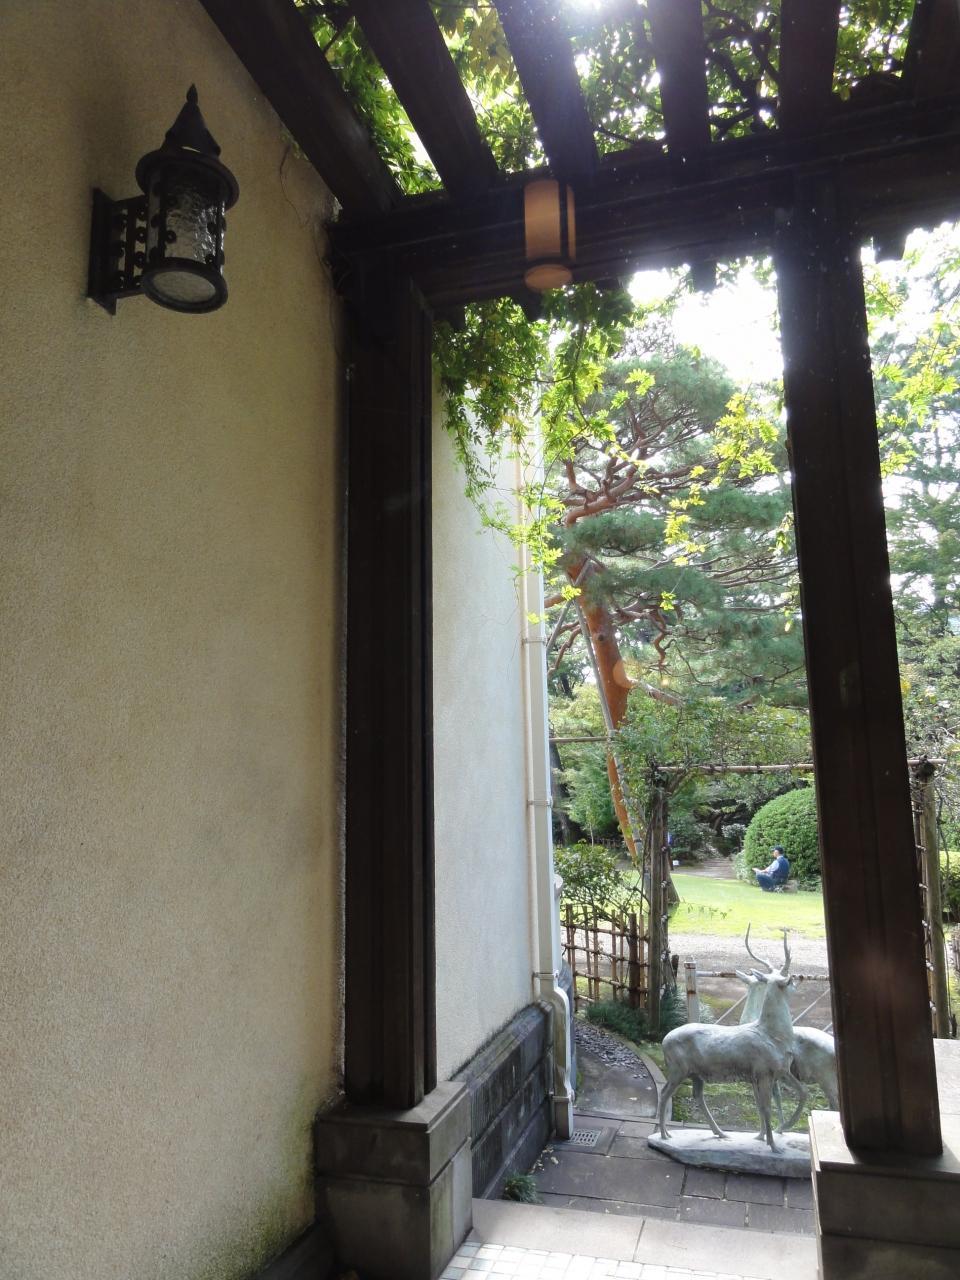 2011年 東京プチ旅行 アールデコelegance♪東京都庭園美術館